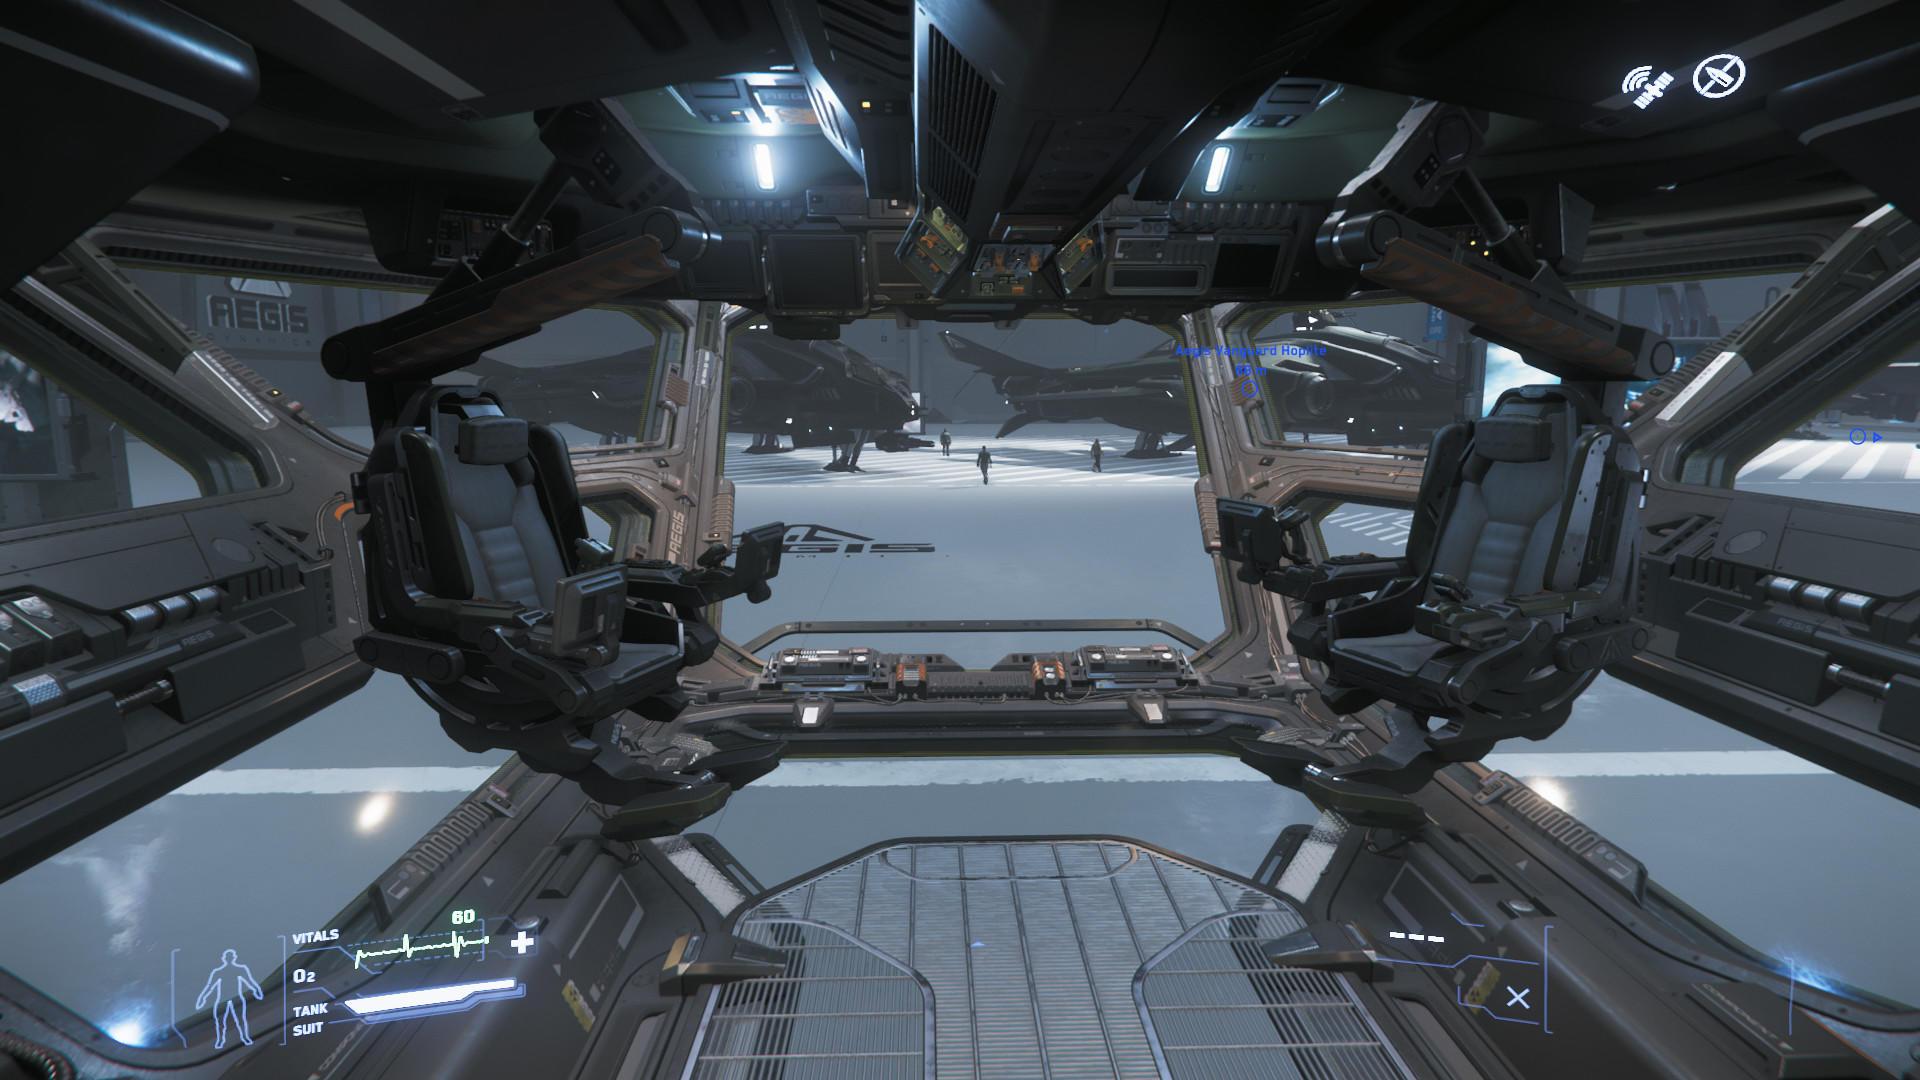 Hammerhead kokpit